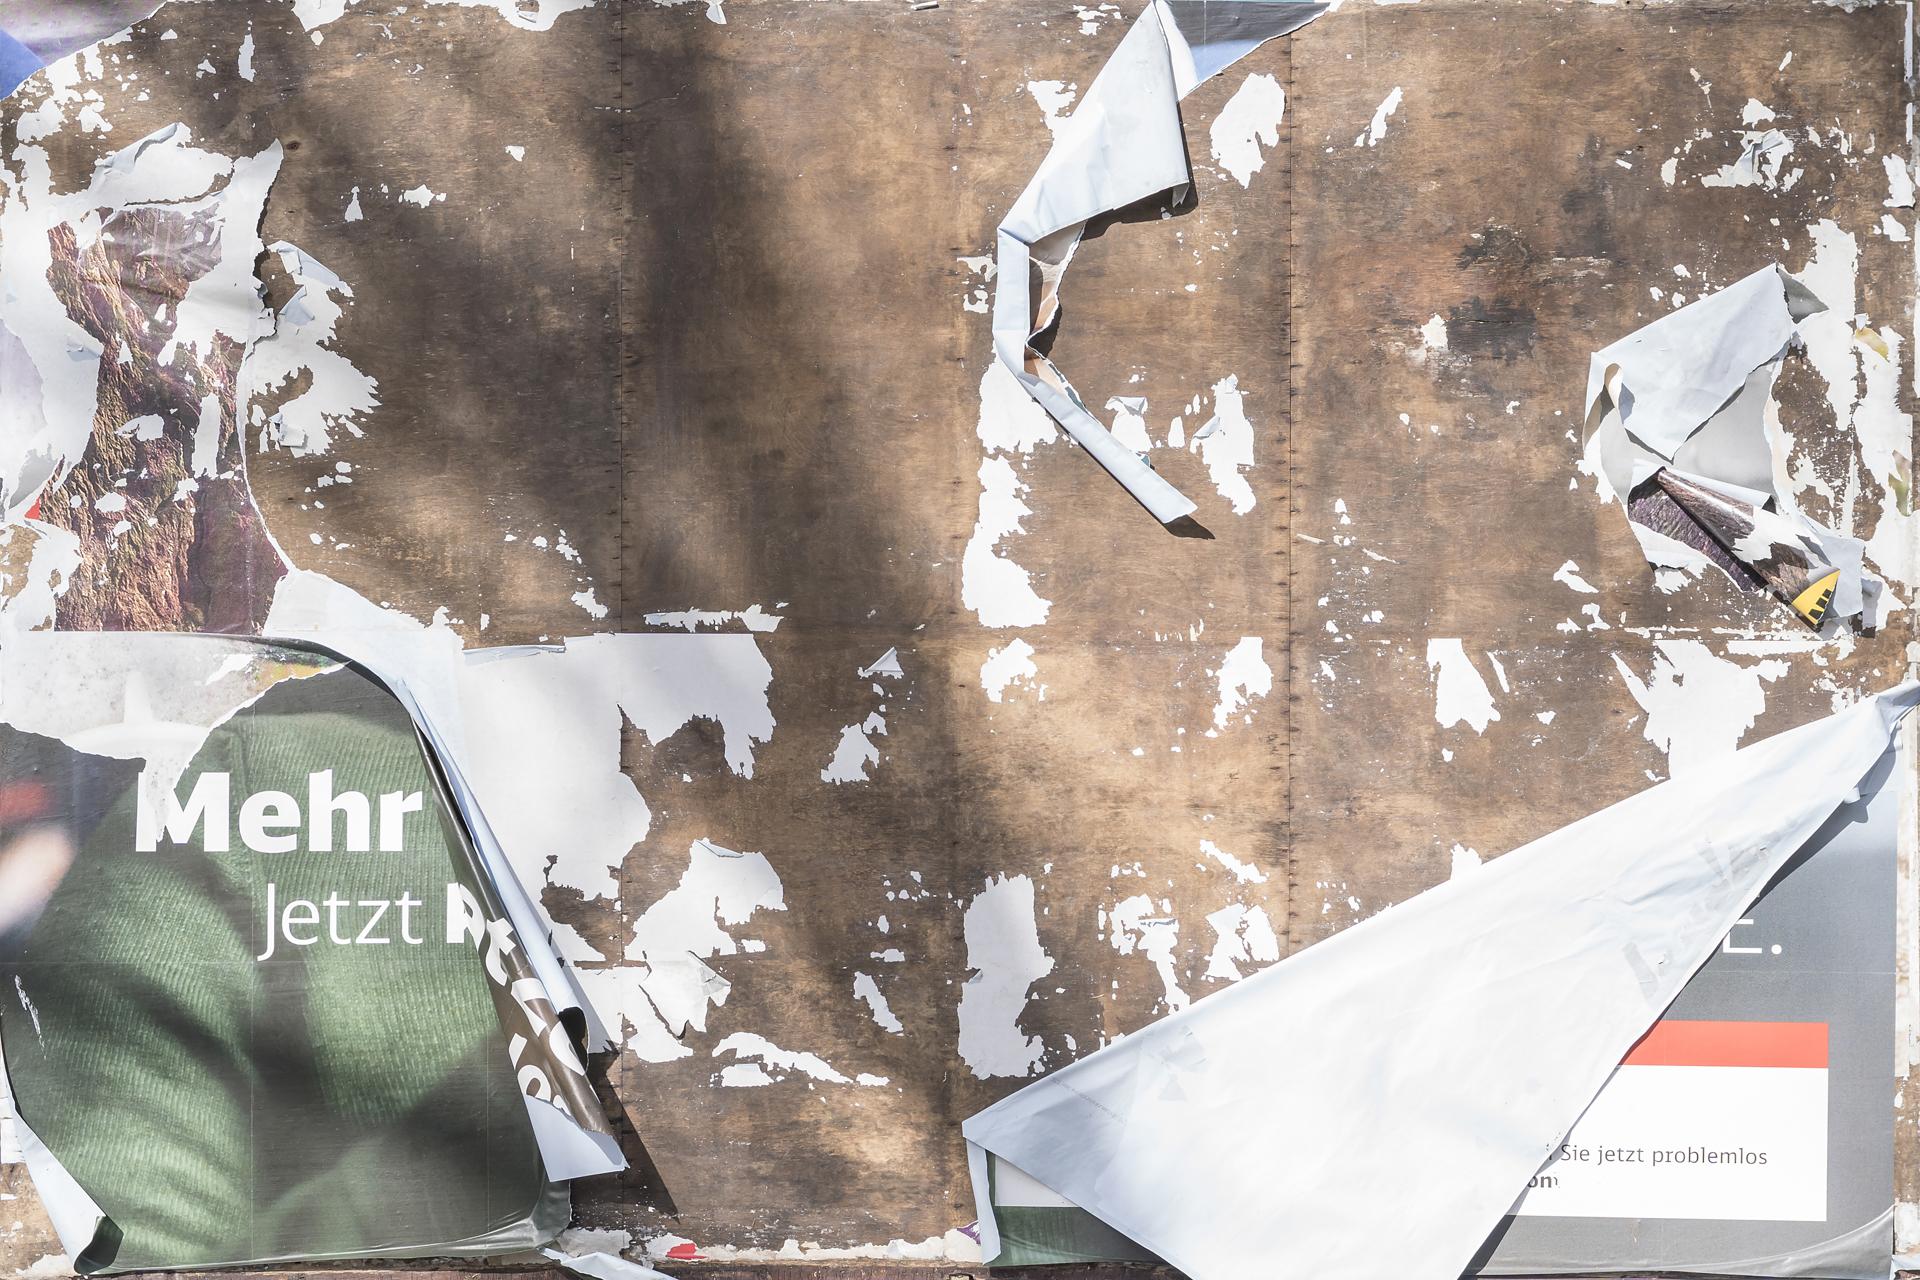 rückständig X • Lambda-Print auf FUJIFILM Crystal Archive DPII, 60 x 40 cm, rahmenloser Bilderhalter • Auflage: 5 + 2 Artist's Proof